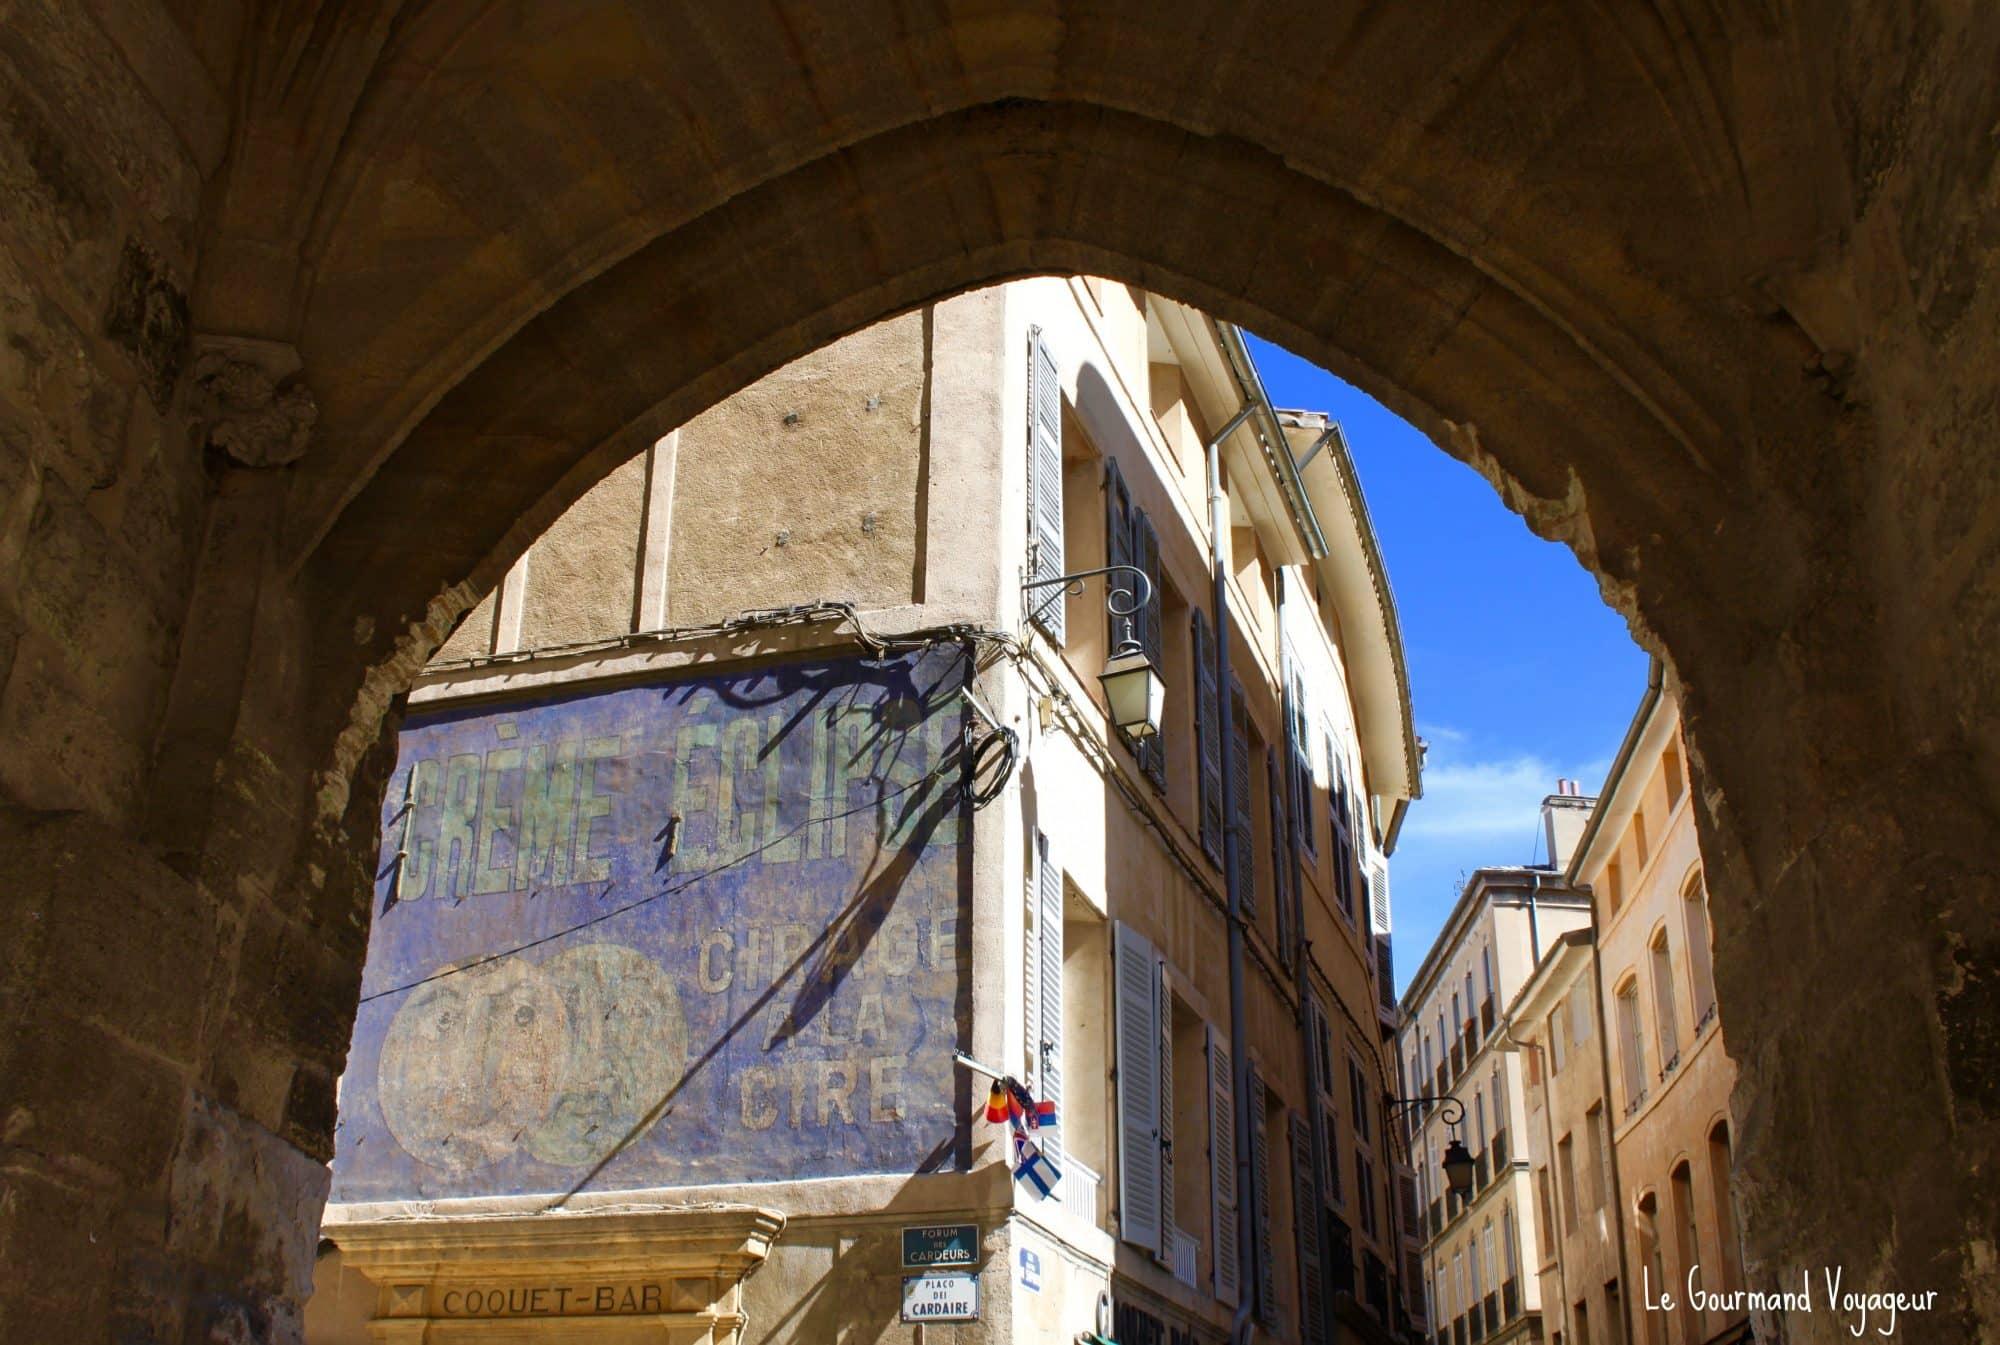 Aix-en-Provence, la cité aux 100 fontaines